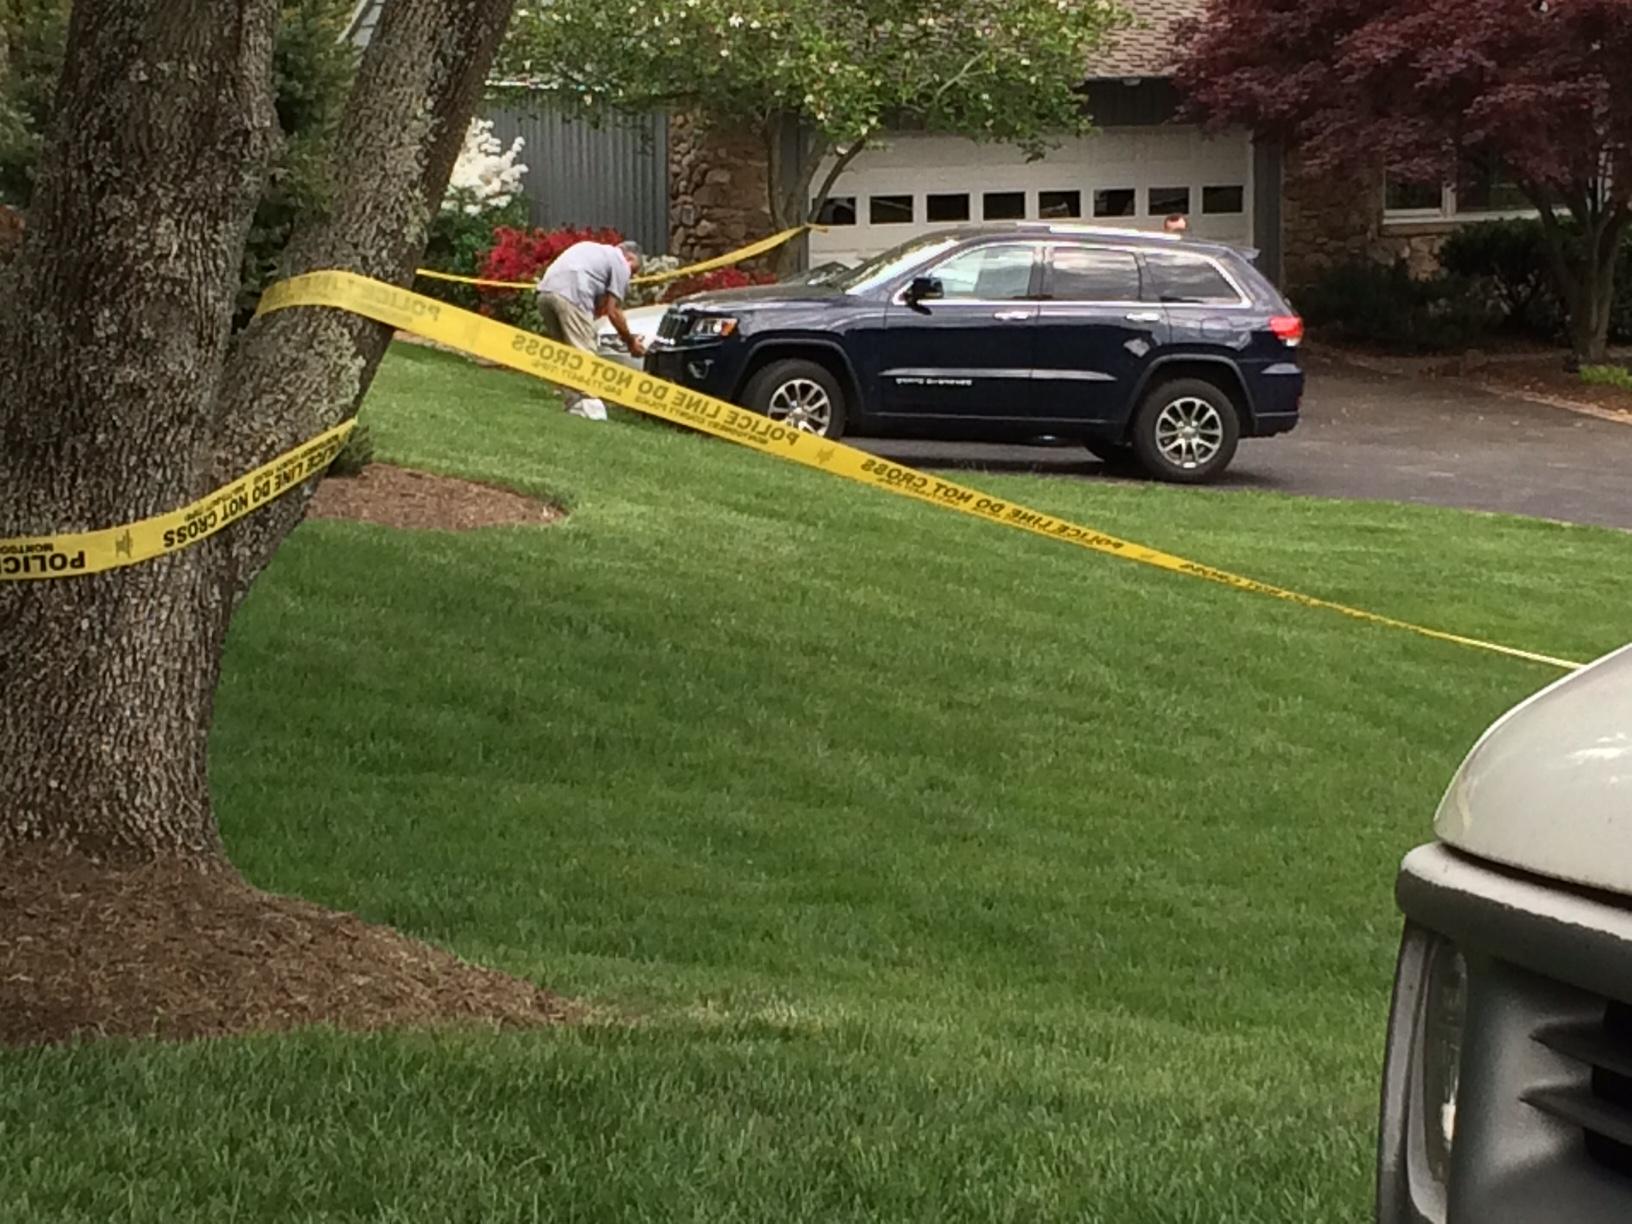 Married couple found dead in Rockville